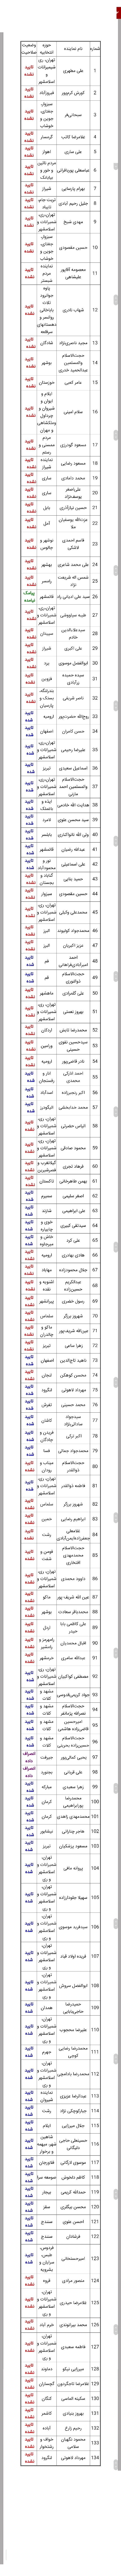 لیست اسامی تایید و رد صلاحیت شدگان انتخابات مجلس شورای اسلامی